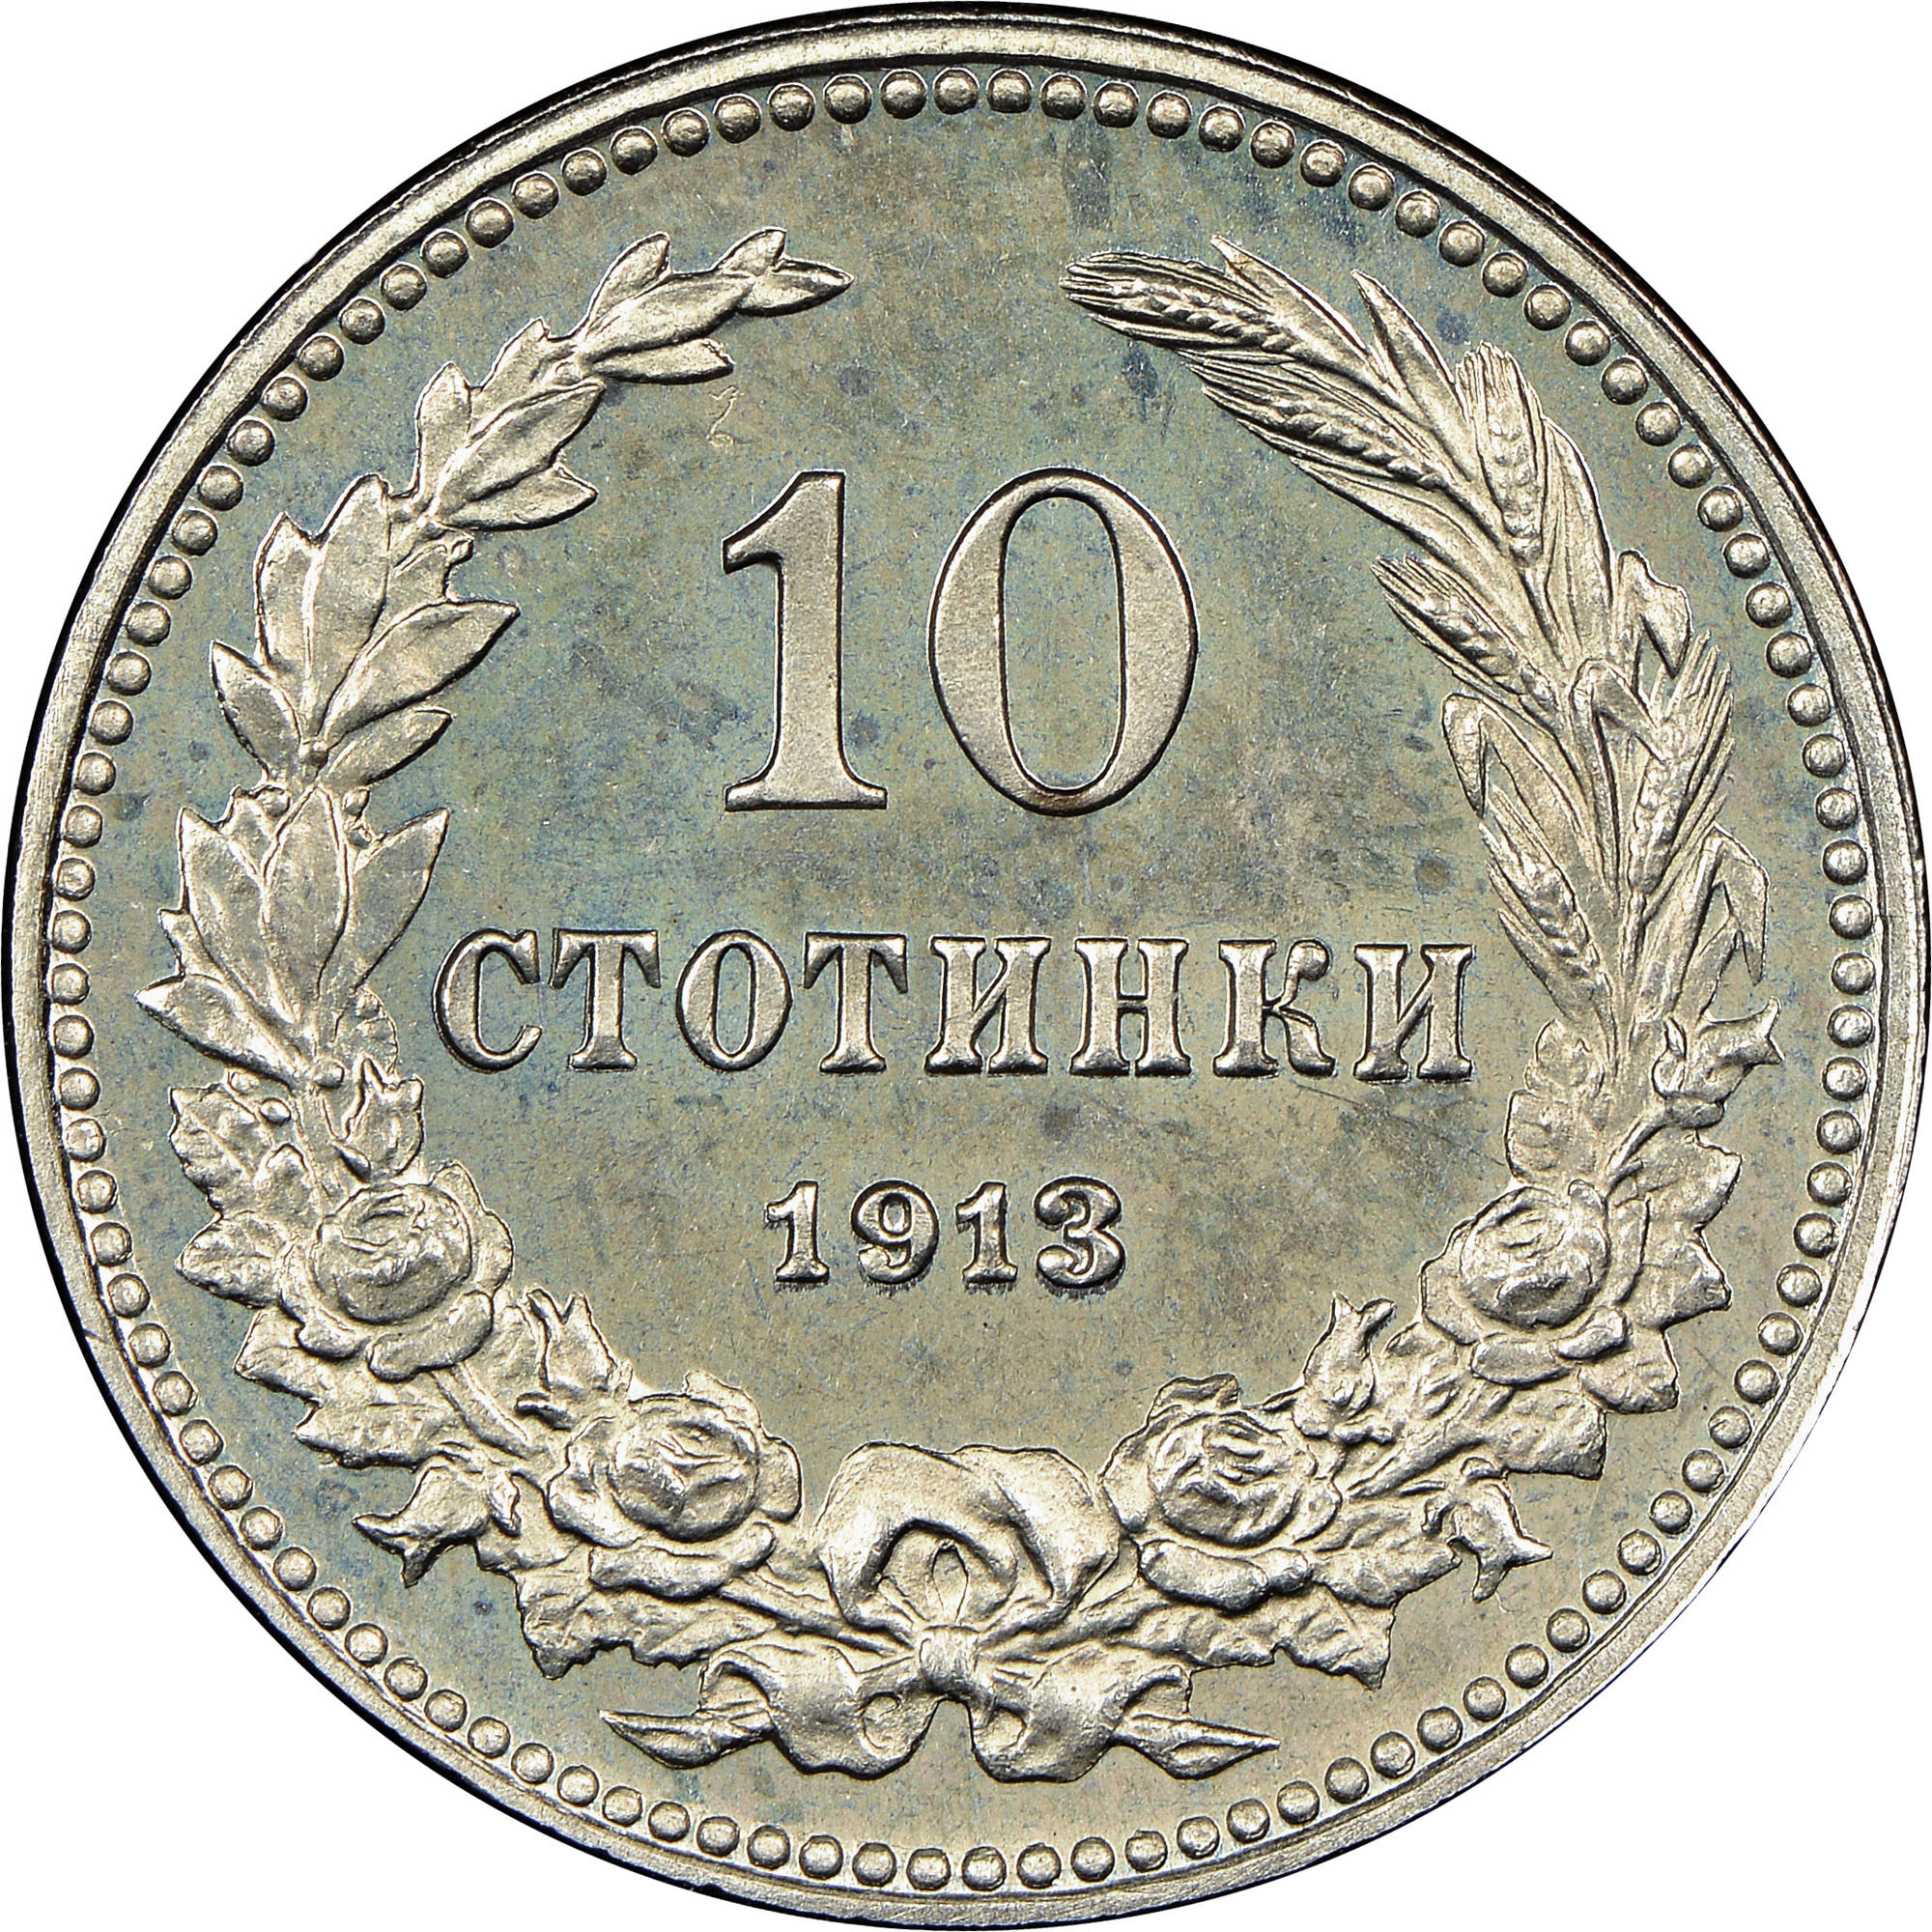 1906-1913 Bulgaria 10 Stotinki reverse